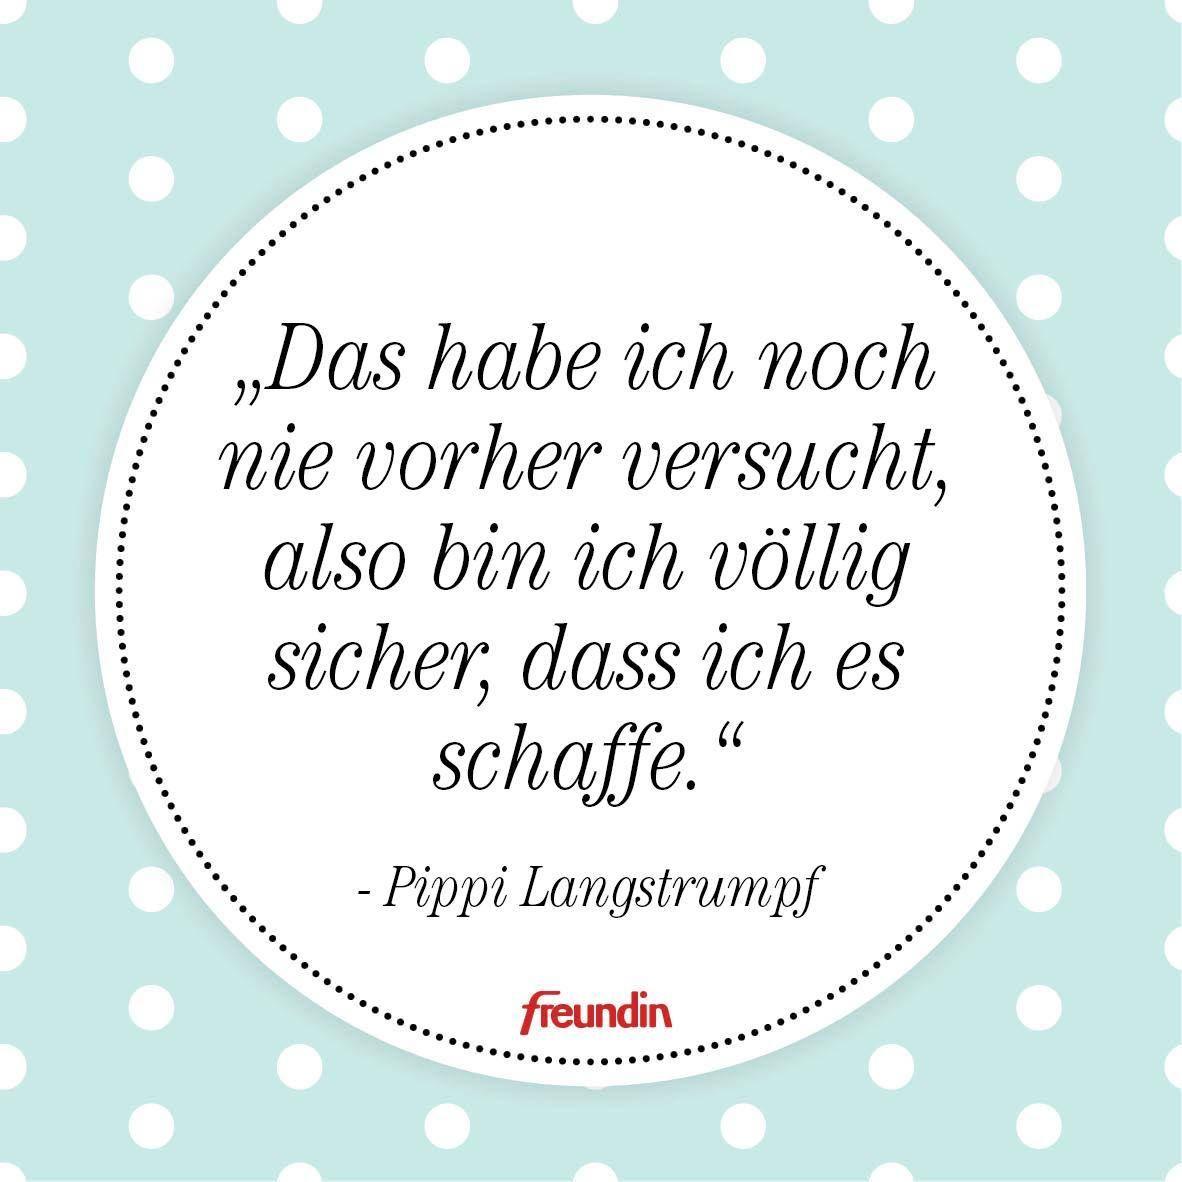 sprüche pippi langstrumpf Das schönste Zitat von Pippi Langstrumpf | Quotes/Words/Sprüche  sprüche pippi langstrumpf